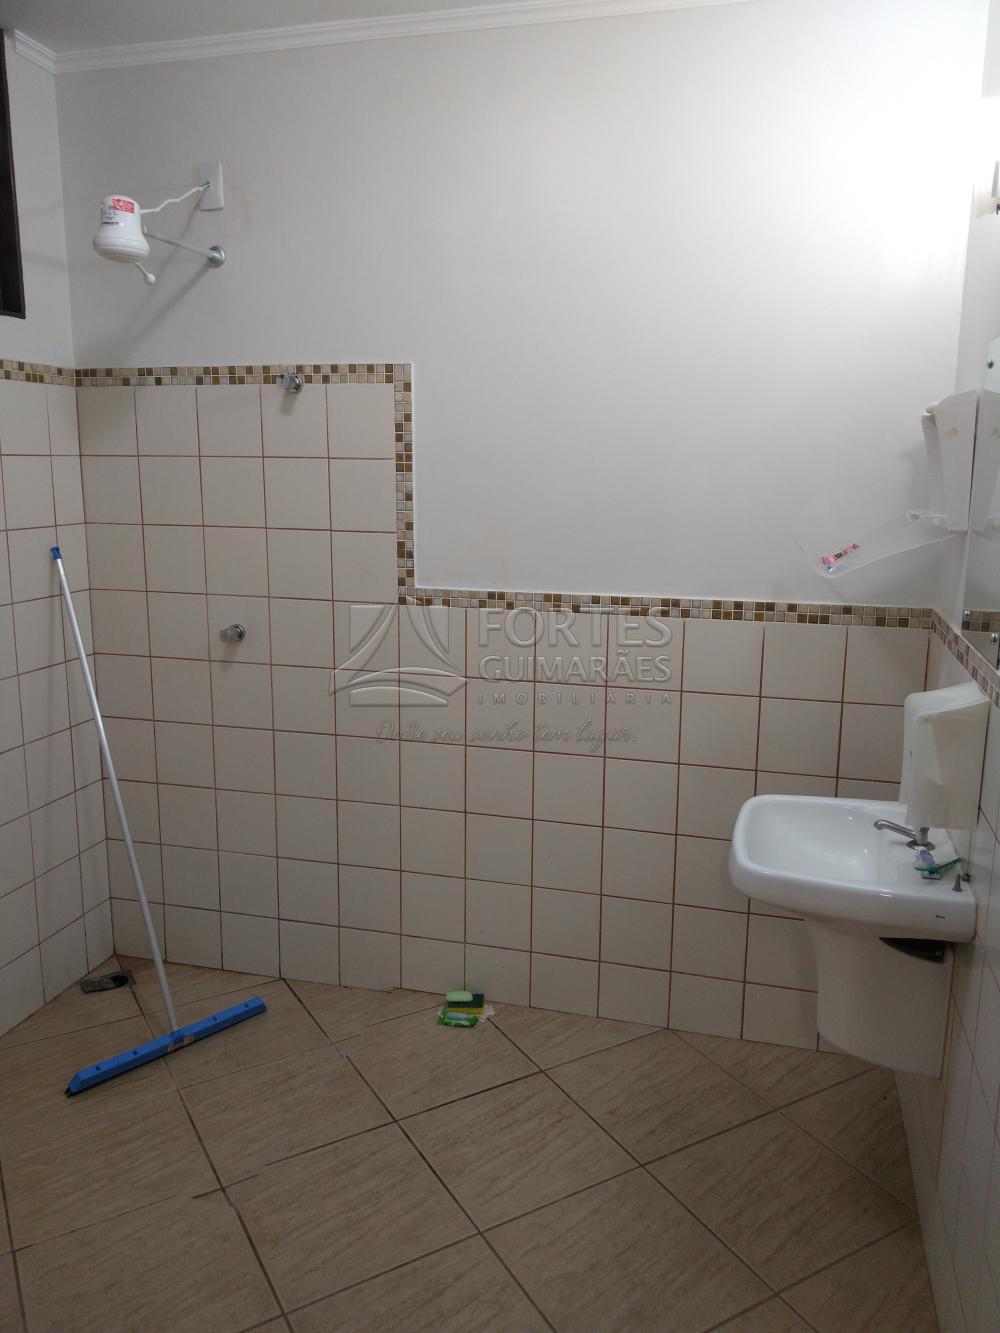 Alugar Comercial / Imóvel Comercial em Ribeirão Preto apenas R$ 12.000,00 - Foto 39